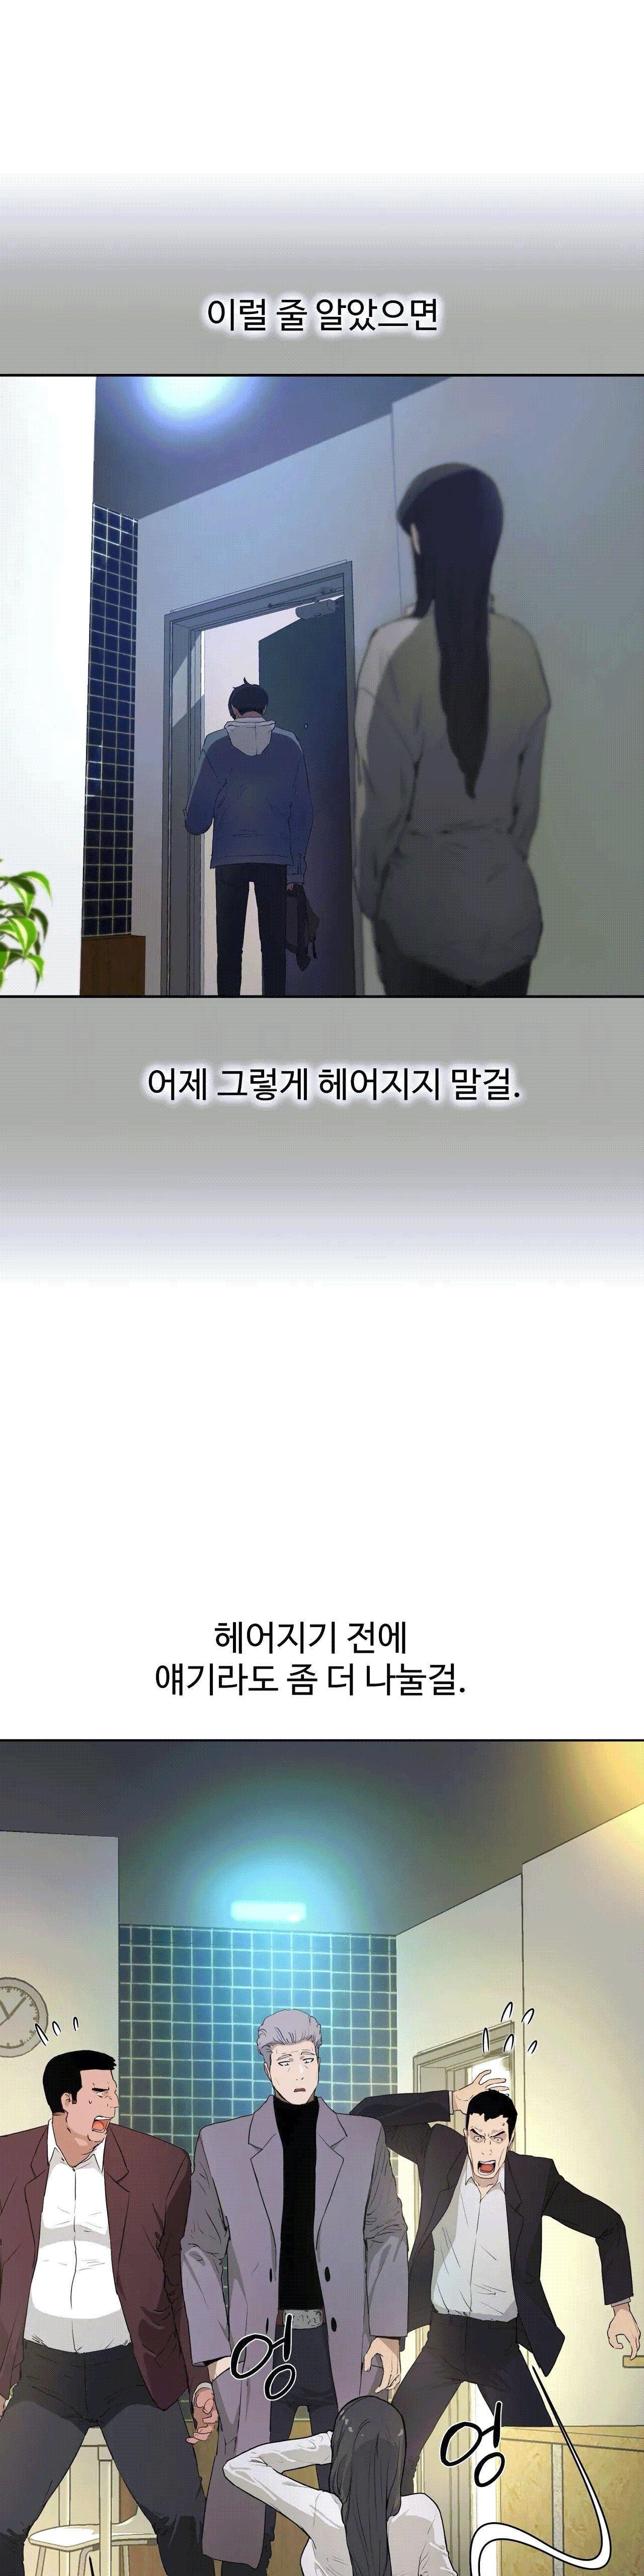 性教育 1-48.5 中文翻译(完結) 403